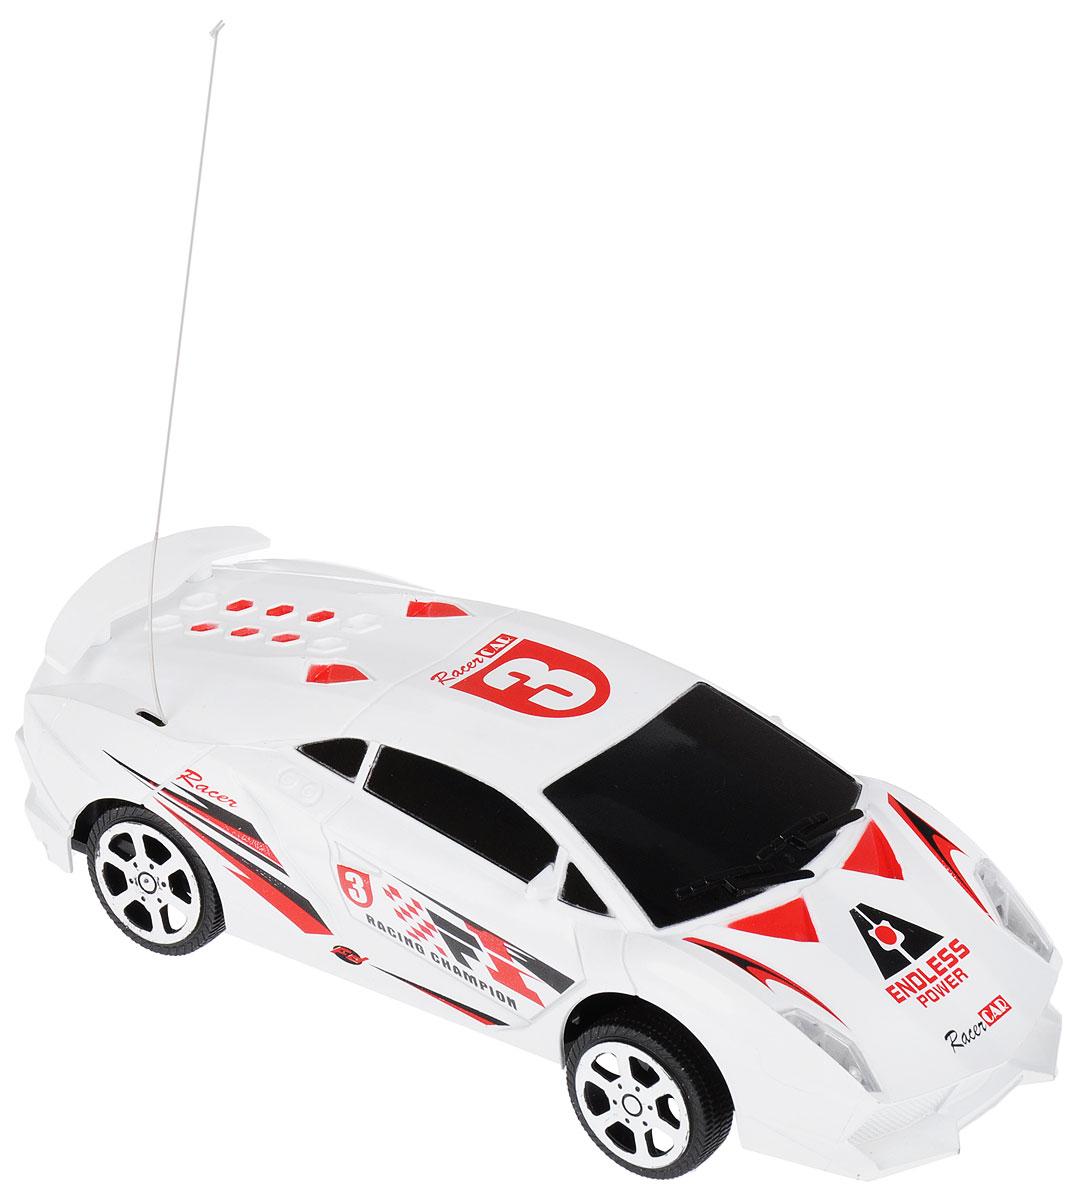 """Радиоуправляемая машинка """"Yako"""" понравится не только ребенку, но и взрослому, ценящему оригинальные подарки. Модель выполнена из прочного пластика. В комплект входит удобный пульт управления. Модель отличается тщательной проработкой и высокой детализацией. Автомобиль реалистично двигается вперед и совершает поворот. Прорезиненные колеса имеют рельеф и обеспечивают надежное сцепление с любой гладкой поверхностью. Реалистичная машинка на радиоуправлении приведет в восторг и ребенка, и взрослого, и принесет множество ярких впечатлений, а также позволит устроить настоящие гонки у себя дома.Для работы модели необходимо докупить 4 батарейки напряжением 1,5V типа АА (в комплект не входят).Для работы пульта необходимо докупить 2 батарейки напряжением 1,5V типа АА (в комплект не входят)."""